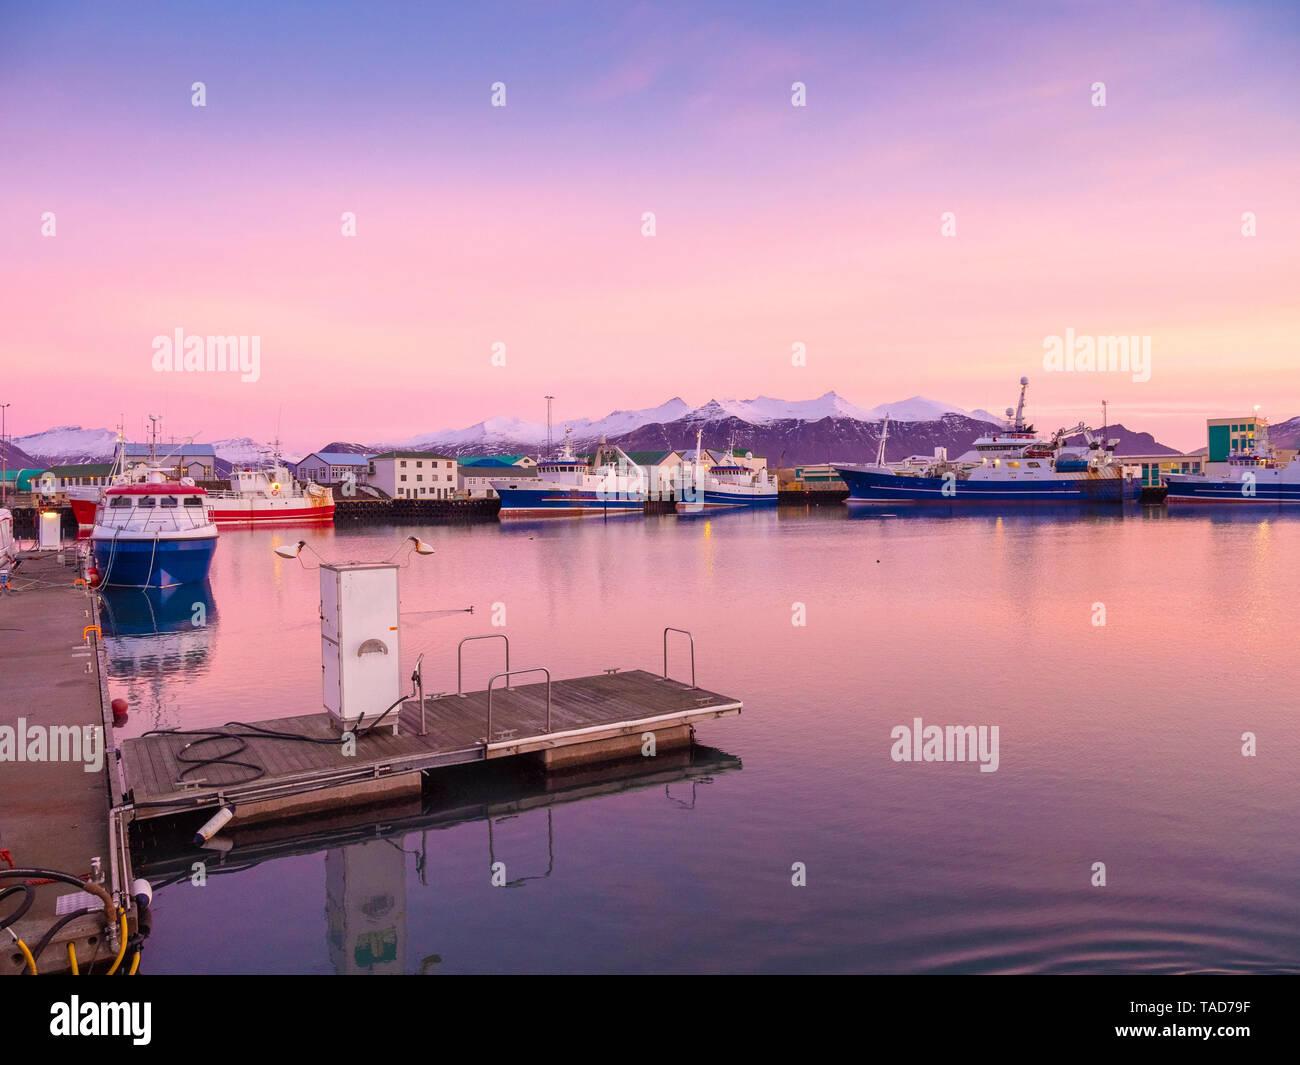 Iceland, Hoefn, harbor at sunrise - Stock Image